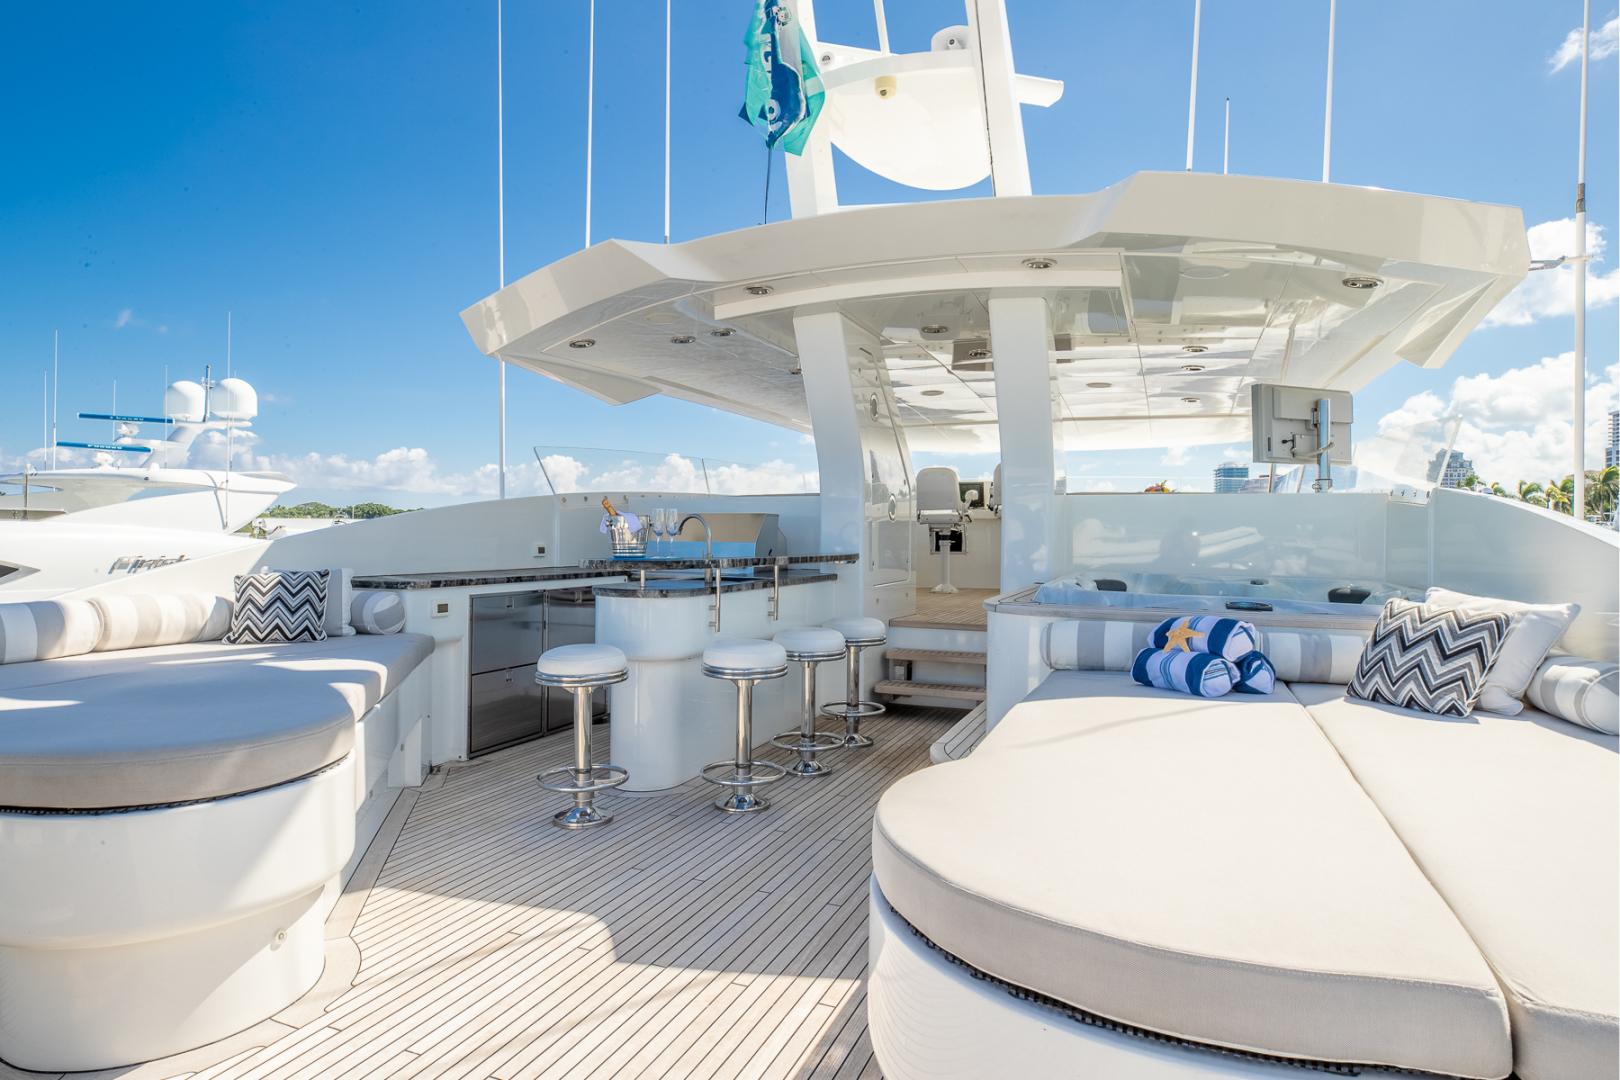 Northcoast-NC125 2011-FUGITIVE *Name Reserved* West Palm Beach-Florida-United States-Flybridge-1513484 | Thumbnail